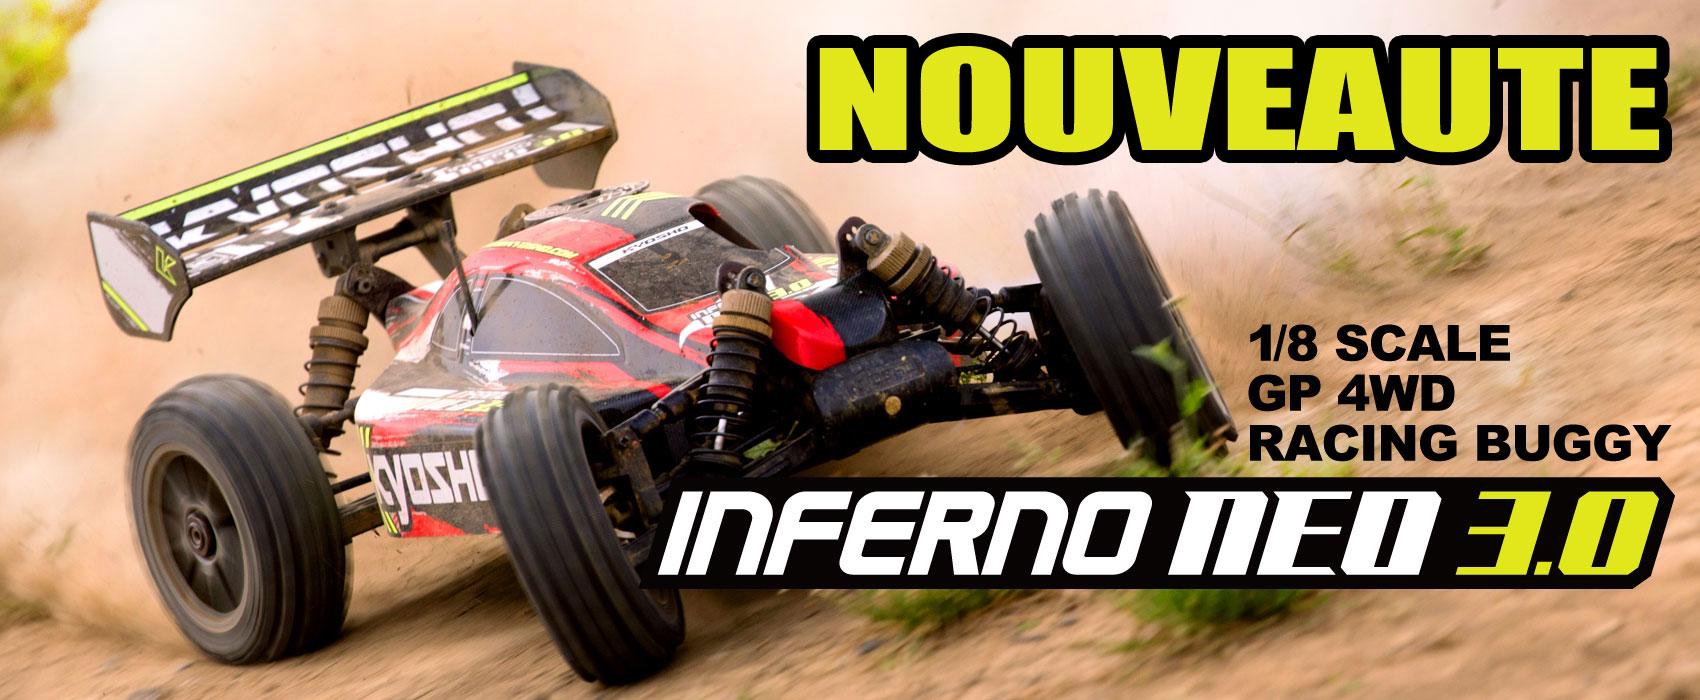 Kyosho_Inferno_Neo_3.0